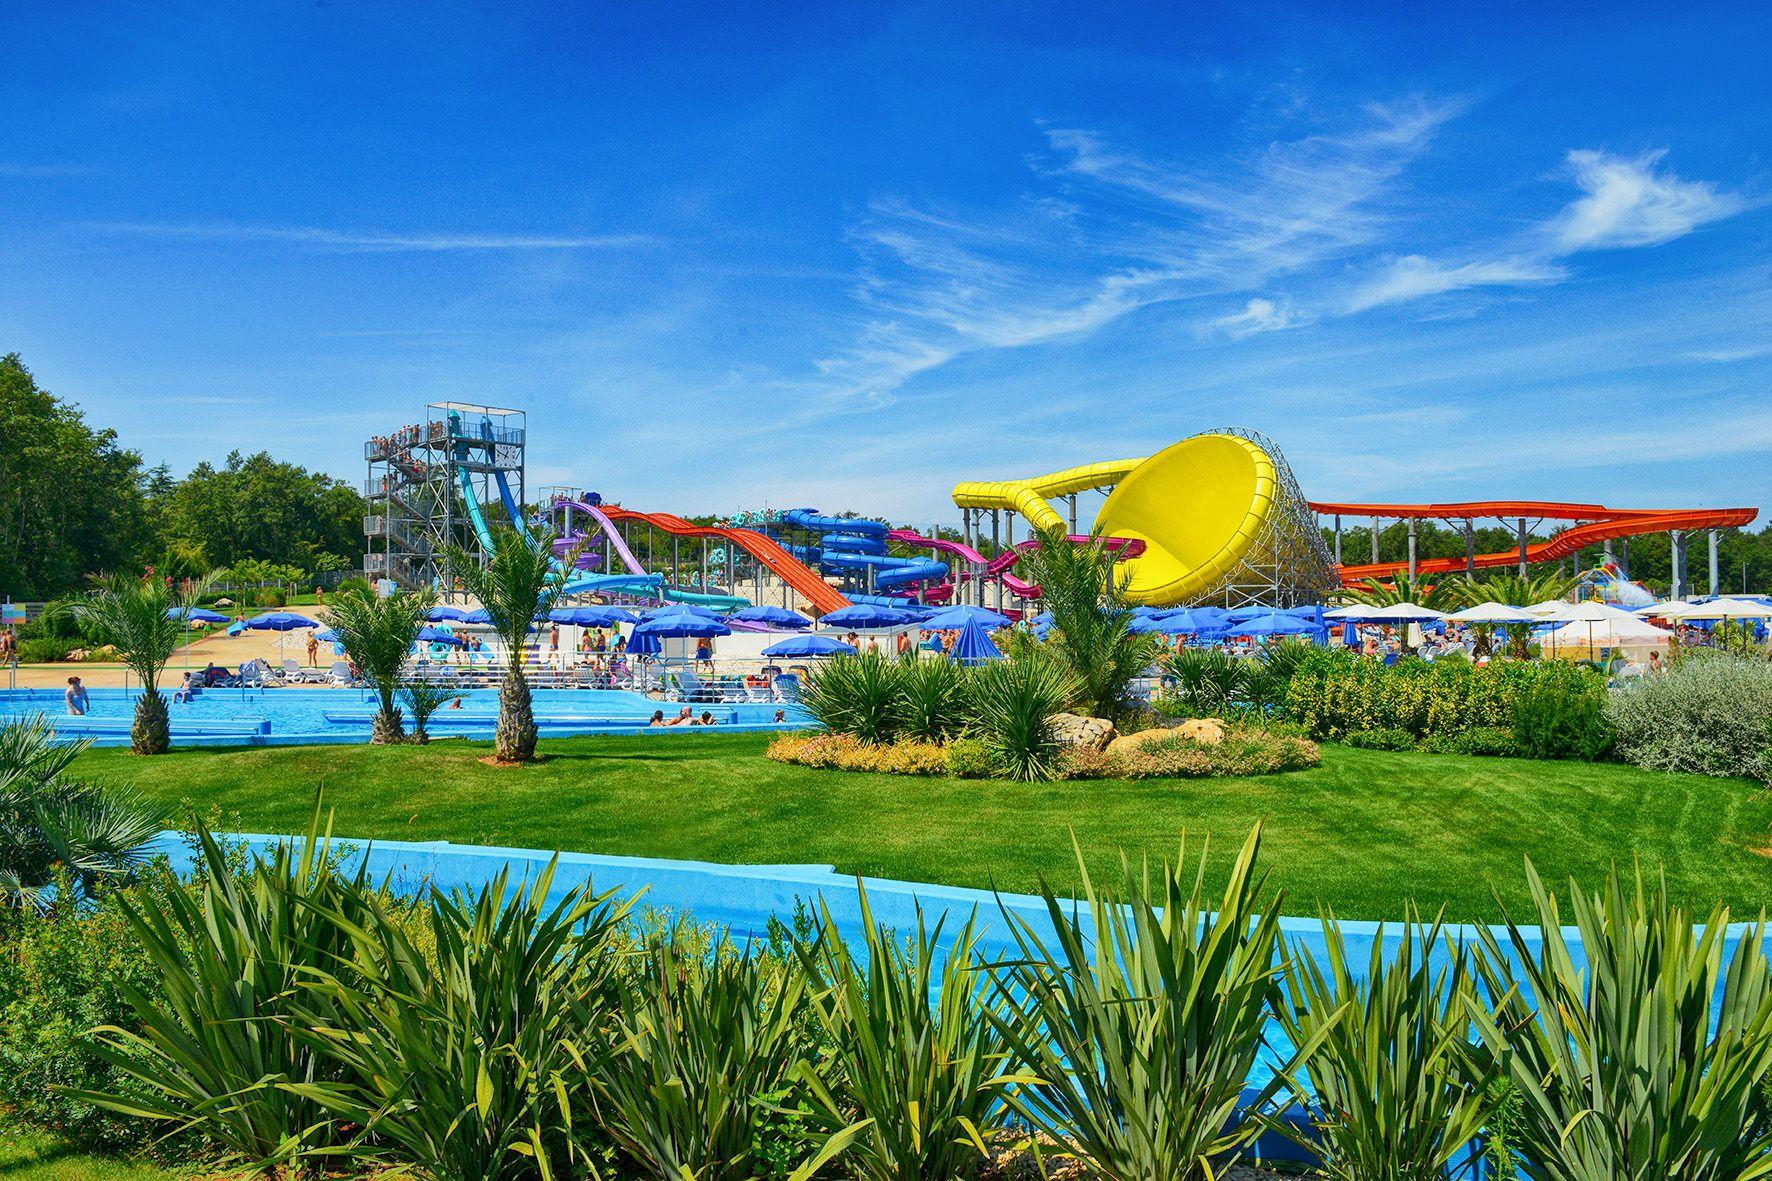 Aquapark Aquacolors Poreč – Croatia's Largest Water Park